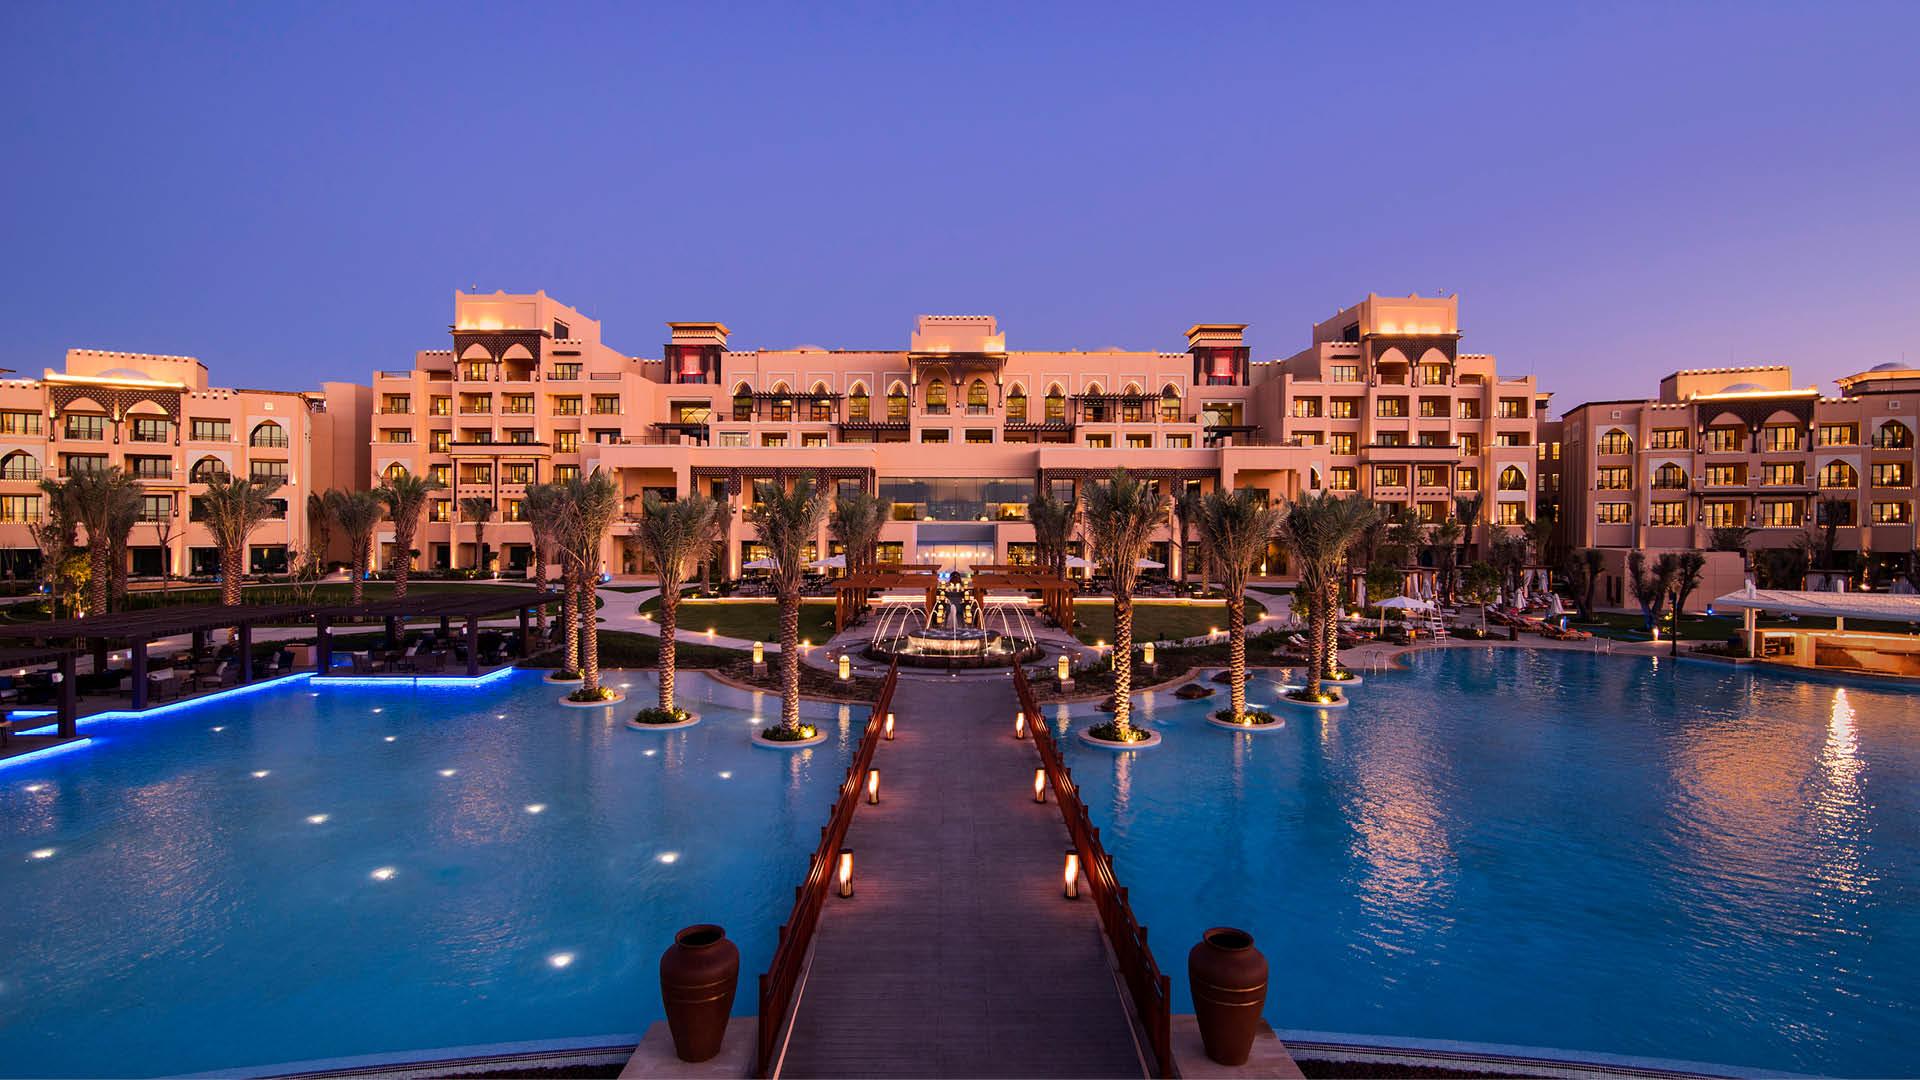 Saadiyat Rotana Abu Dhabi